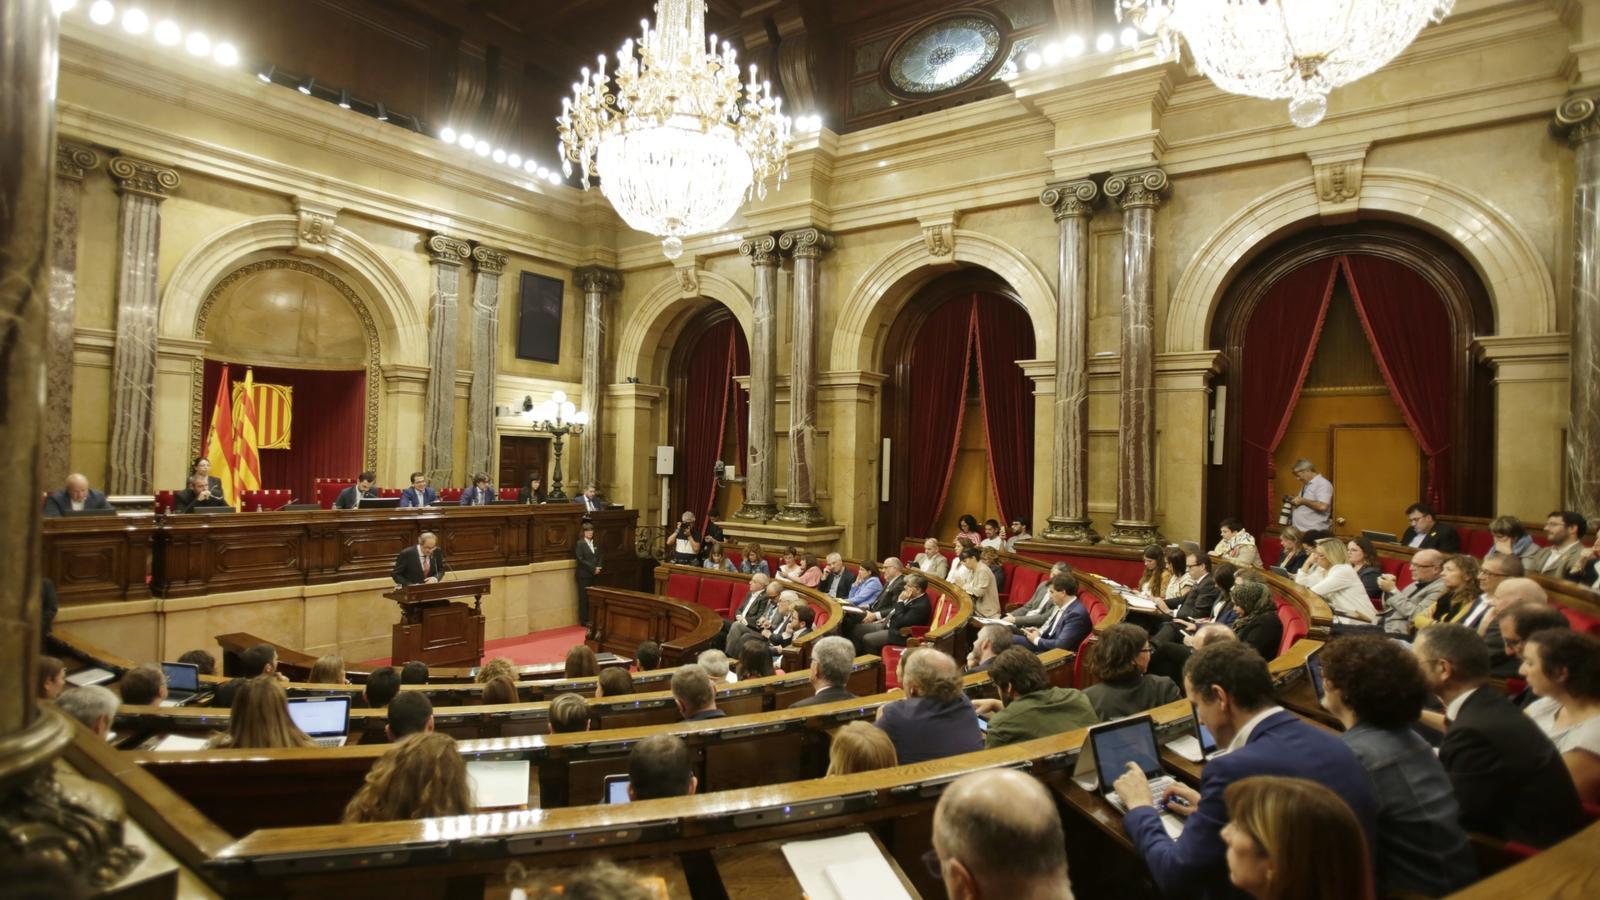 hemicicle Parlament Debat Politica General 2099800219 57207467 651x366 - Fil de Ramir De Porrata-Doria. 20/10/18. PSOE i PSC, pressupostos de l'Estat